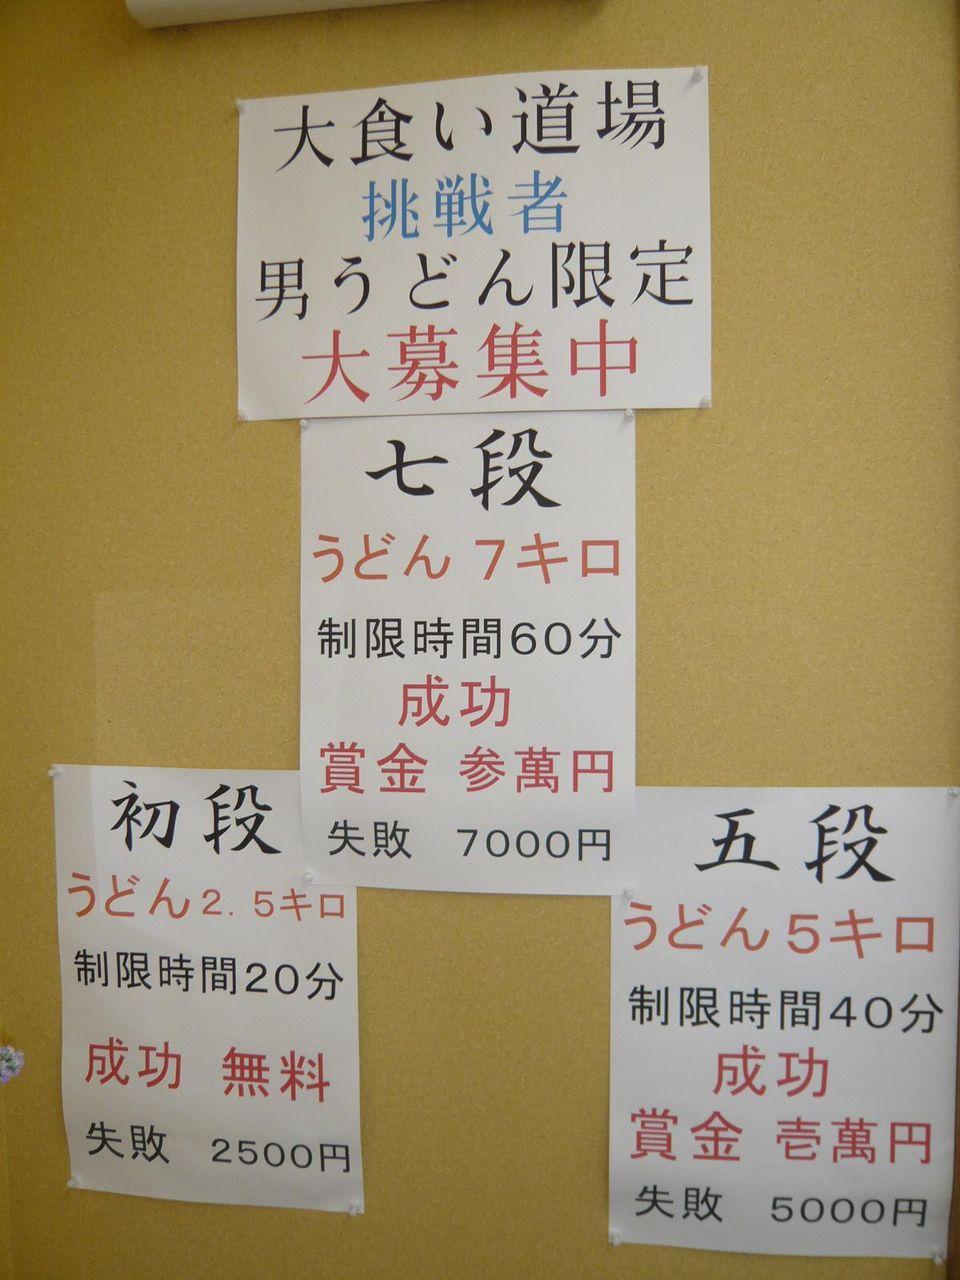 武蔵野地粉うどんつるやの大食い挑戦メニュー